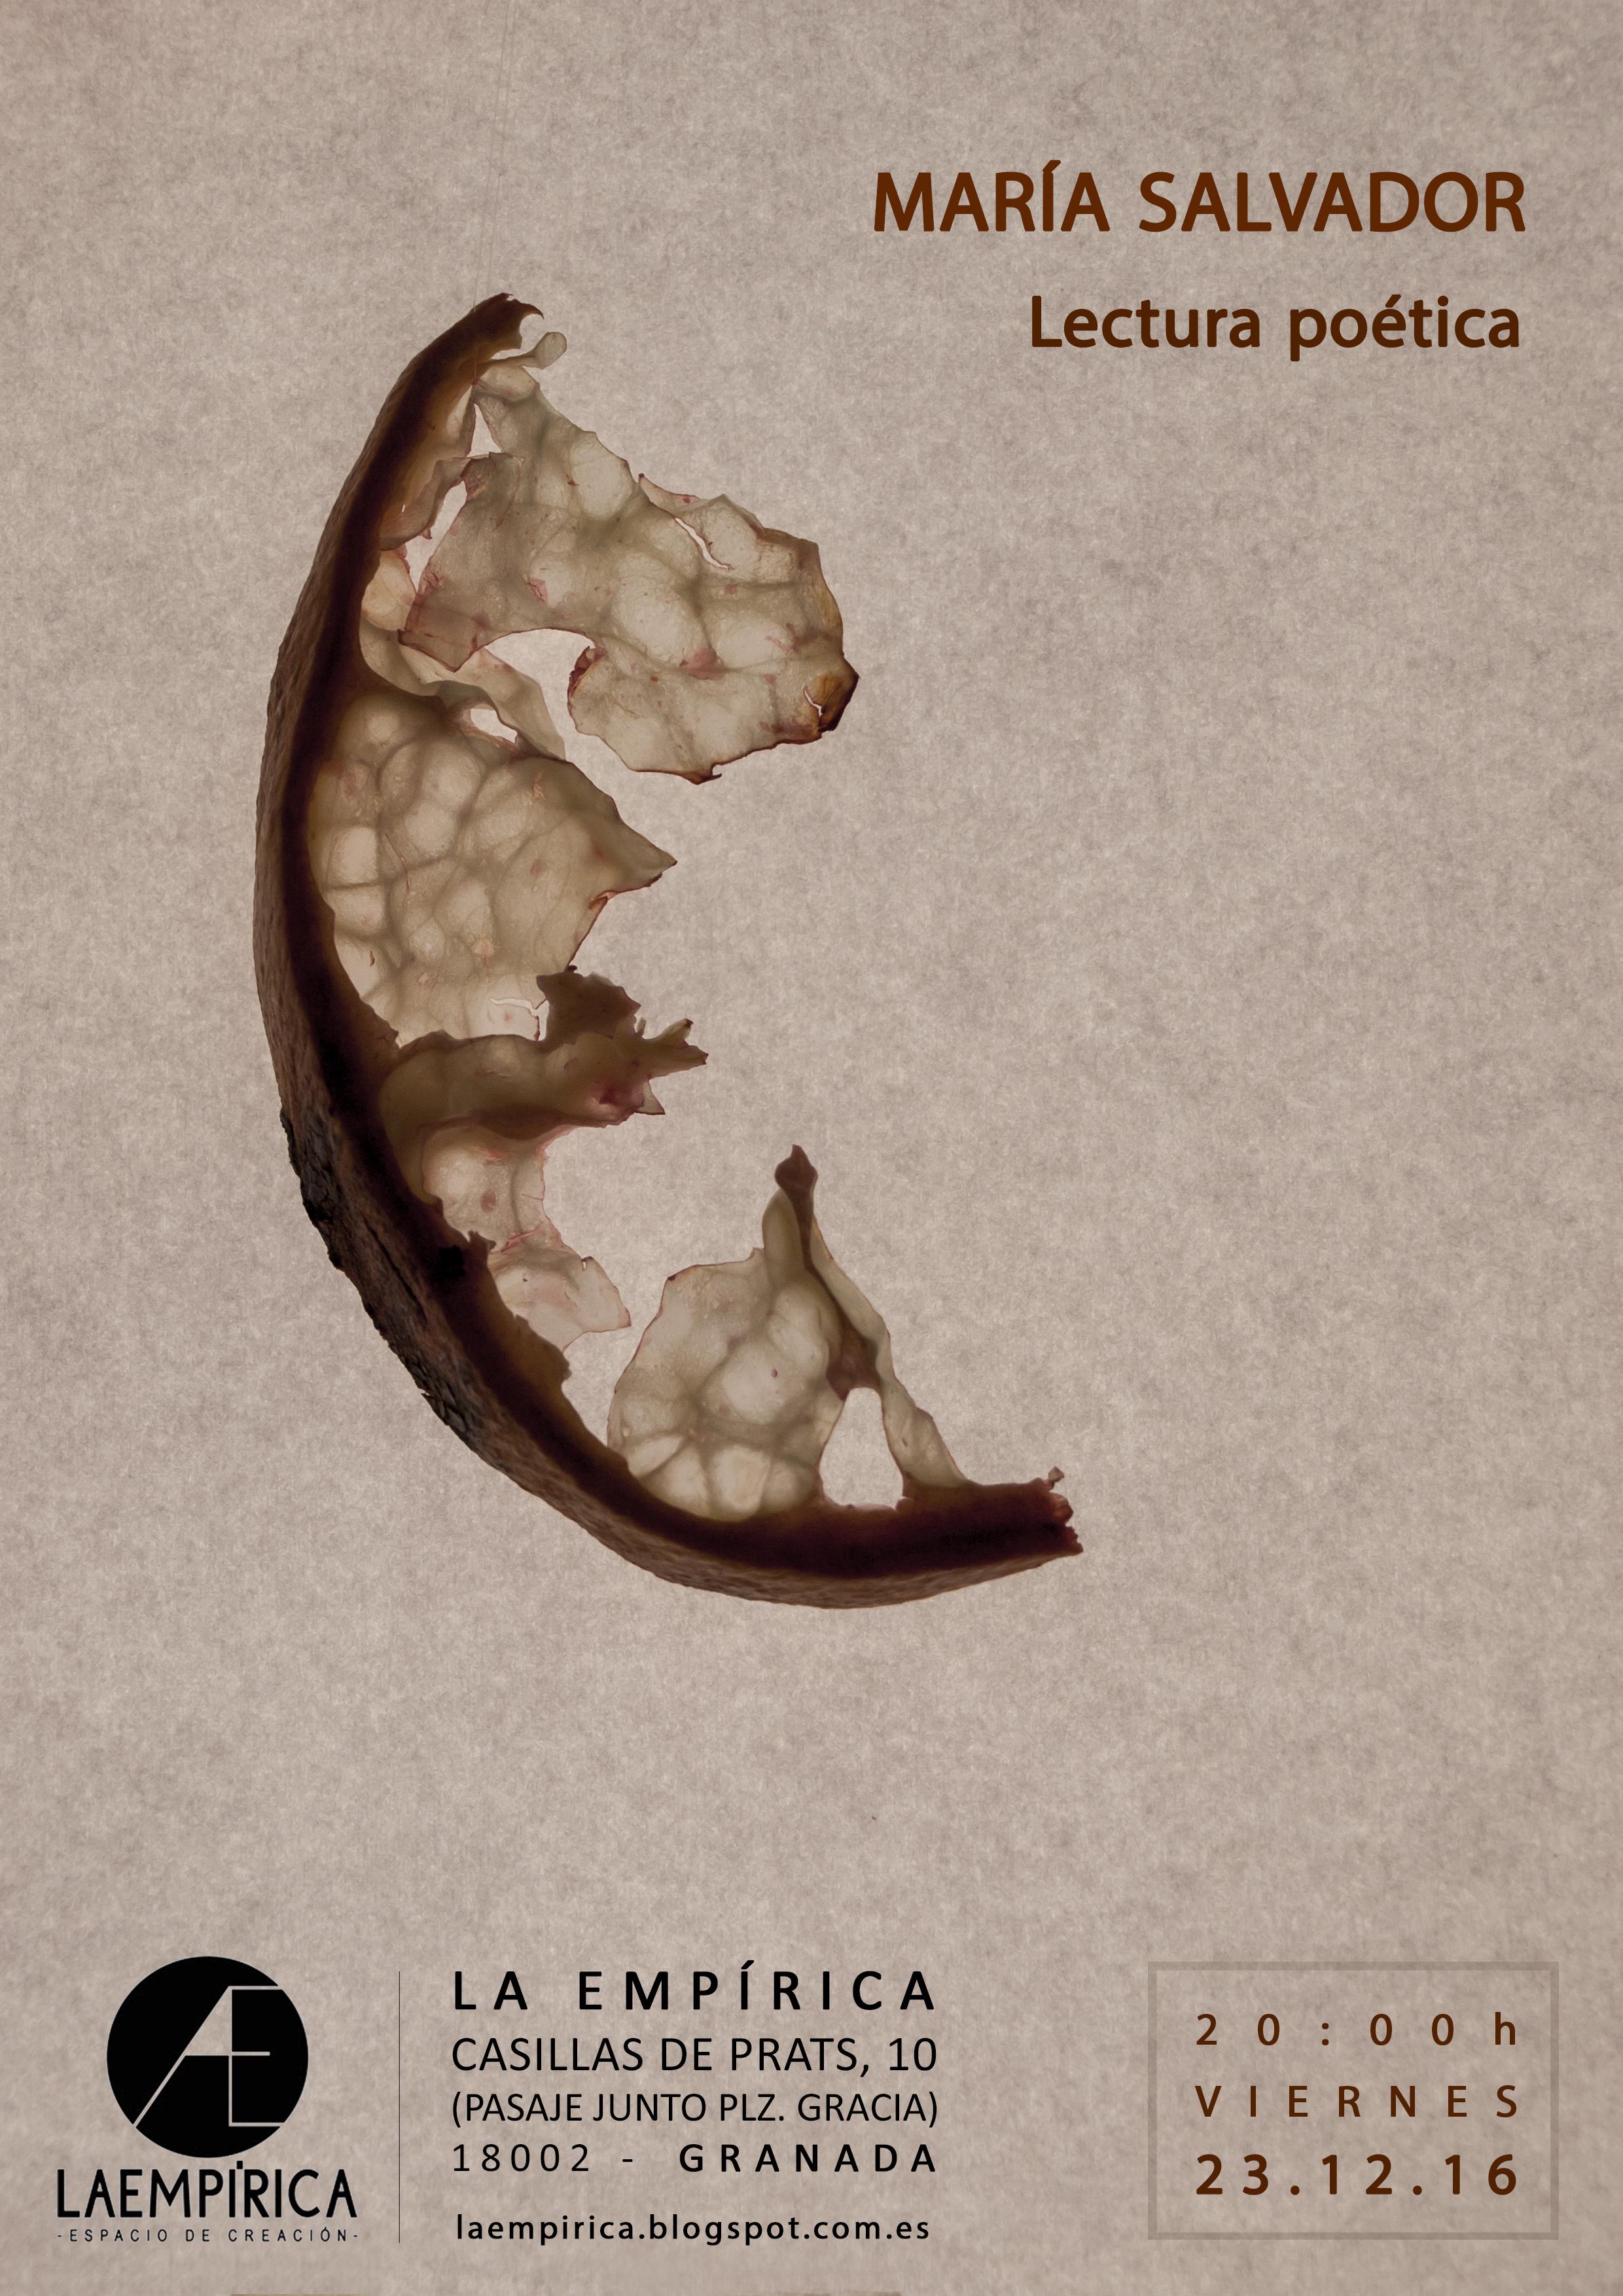 cartel lectura maría salvador laempírica A4 240ppp.jpg